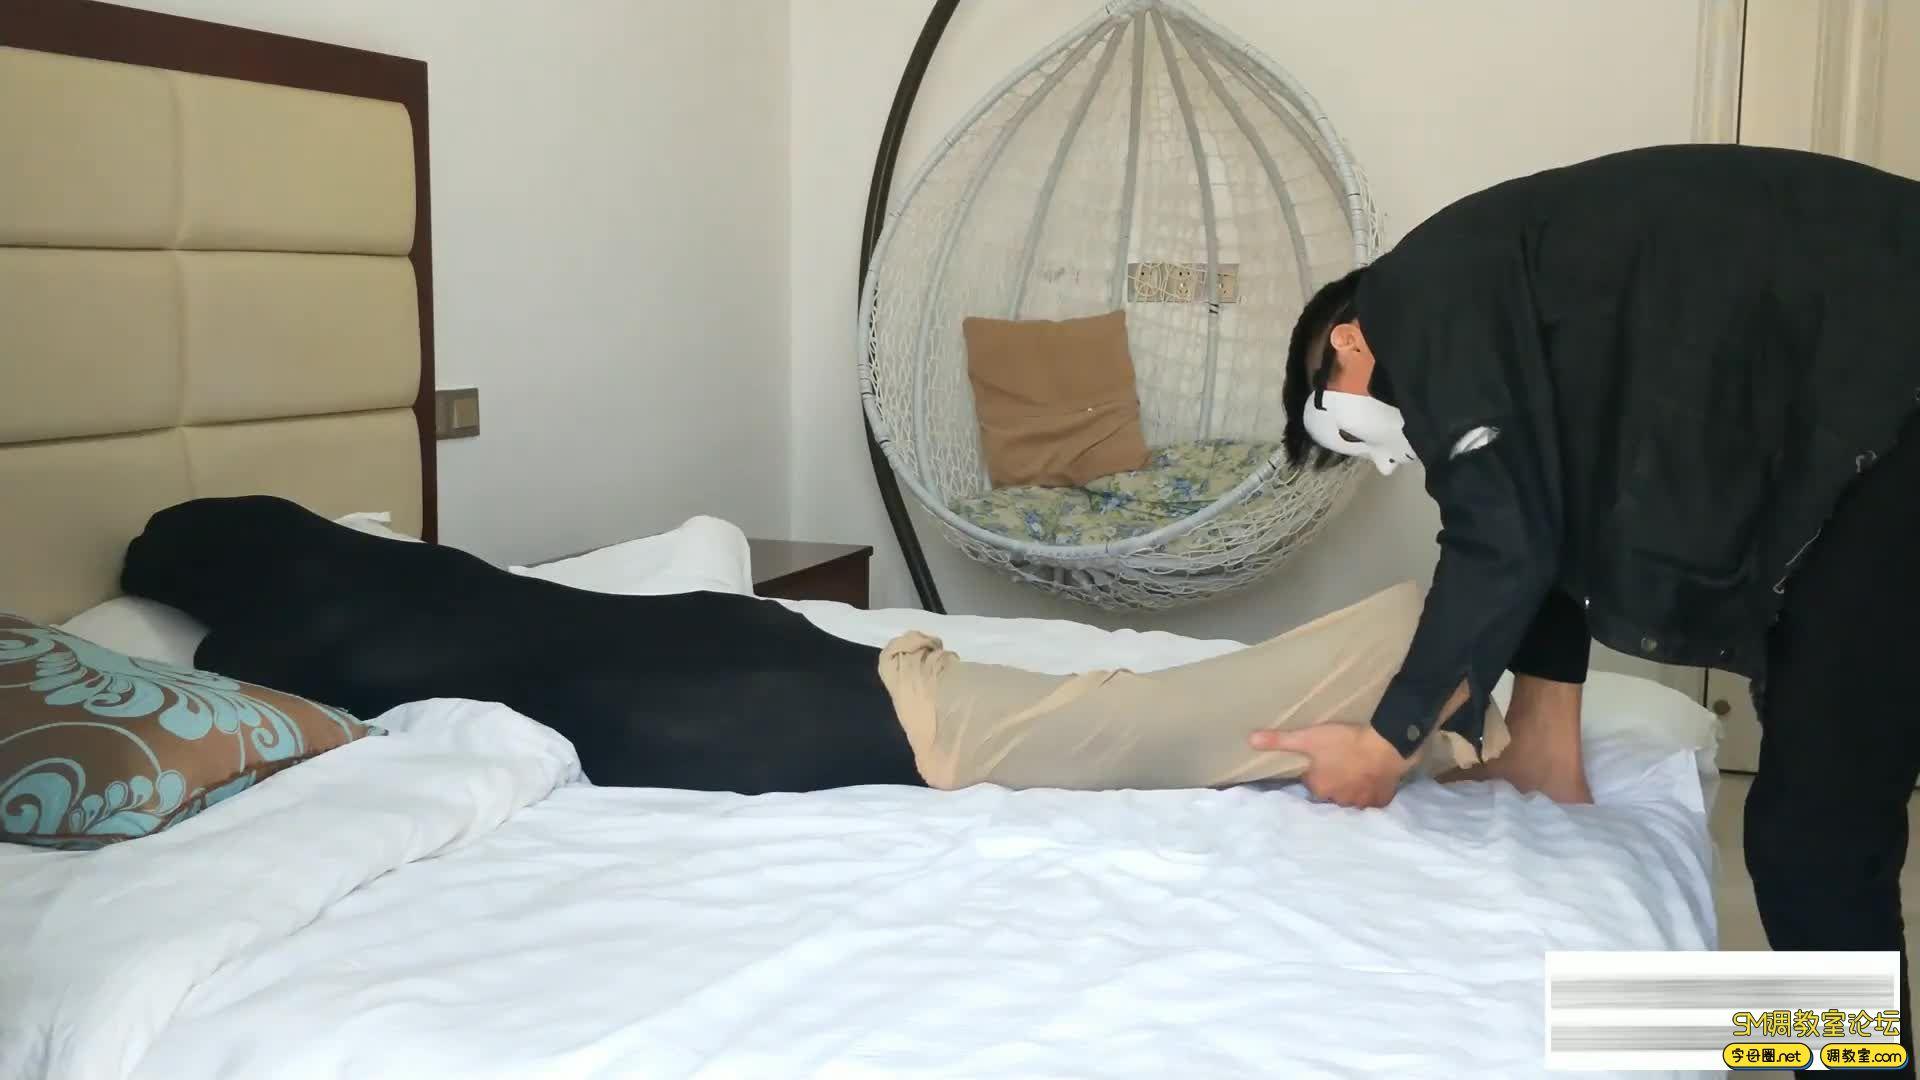 嗷大喵工作室_窒息篇-挑战十层丝袜睡袋-视频截图5